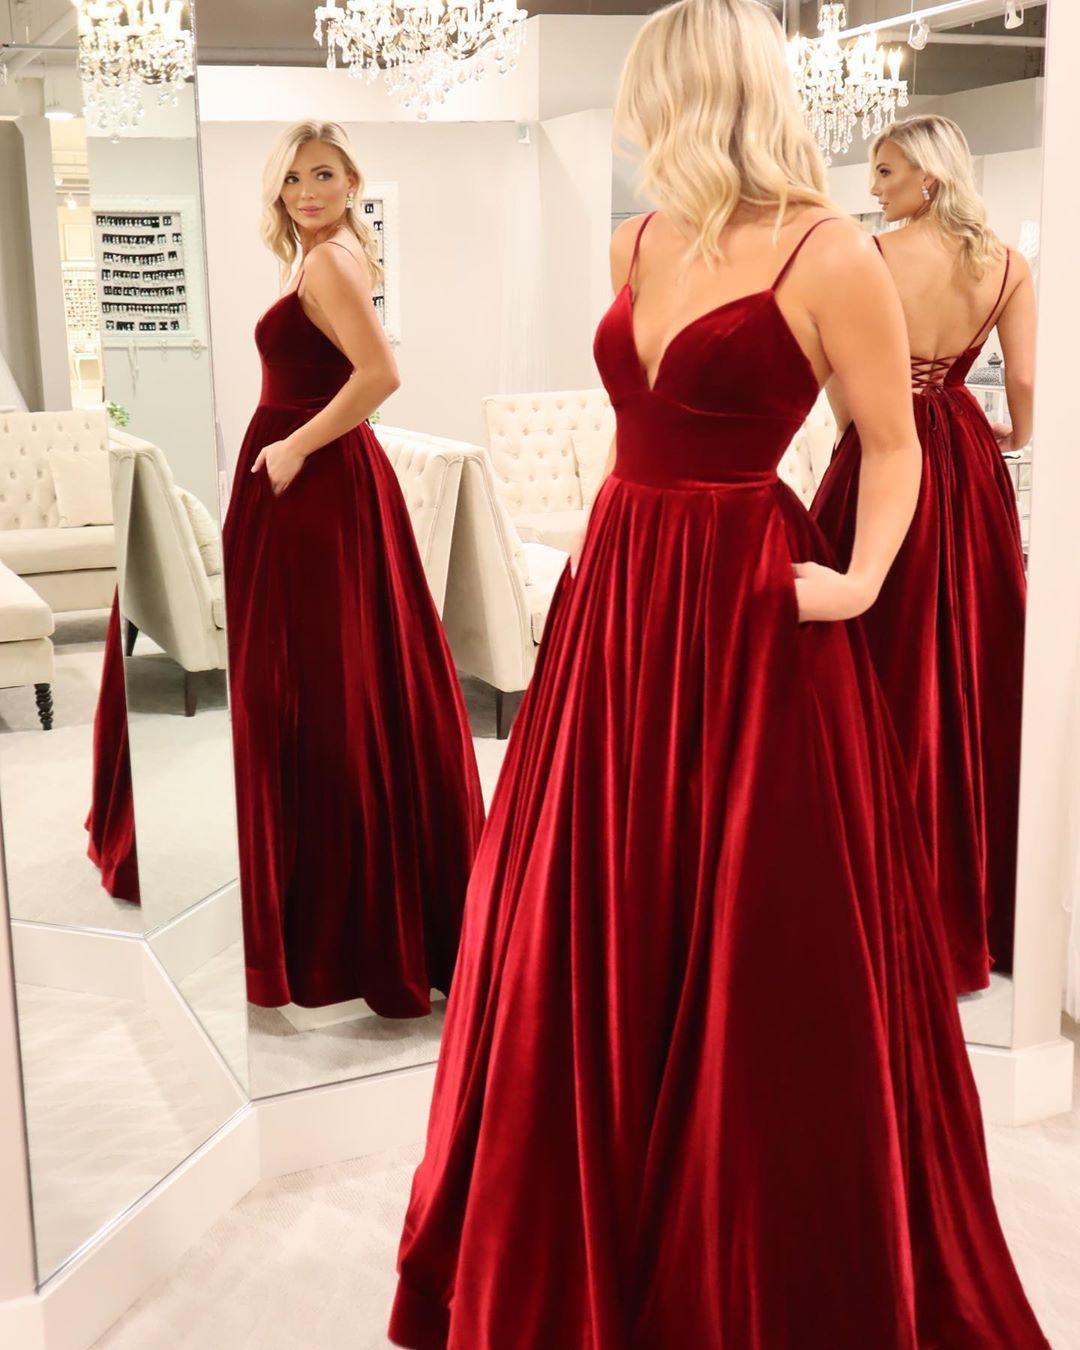 Straps Wine Red Velvet Long Prom Dress With Pockets Burgundy Prom Dress Velvet Evening Dress Prom Dresses With Pockets